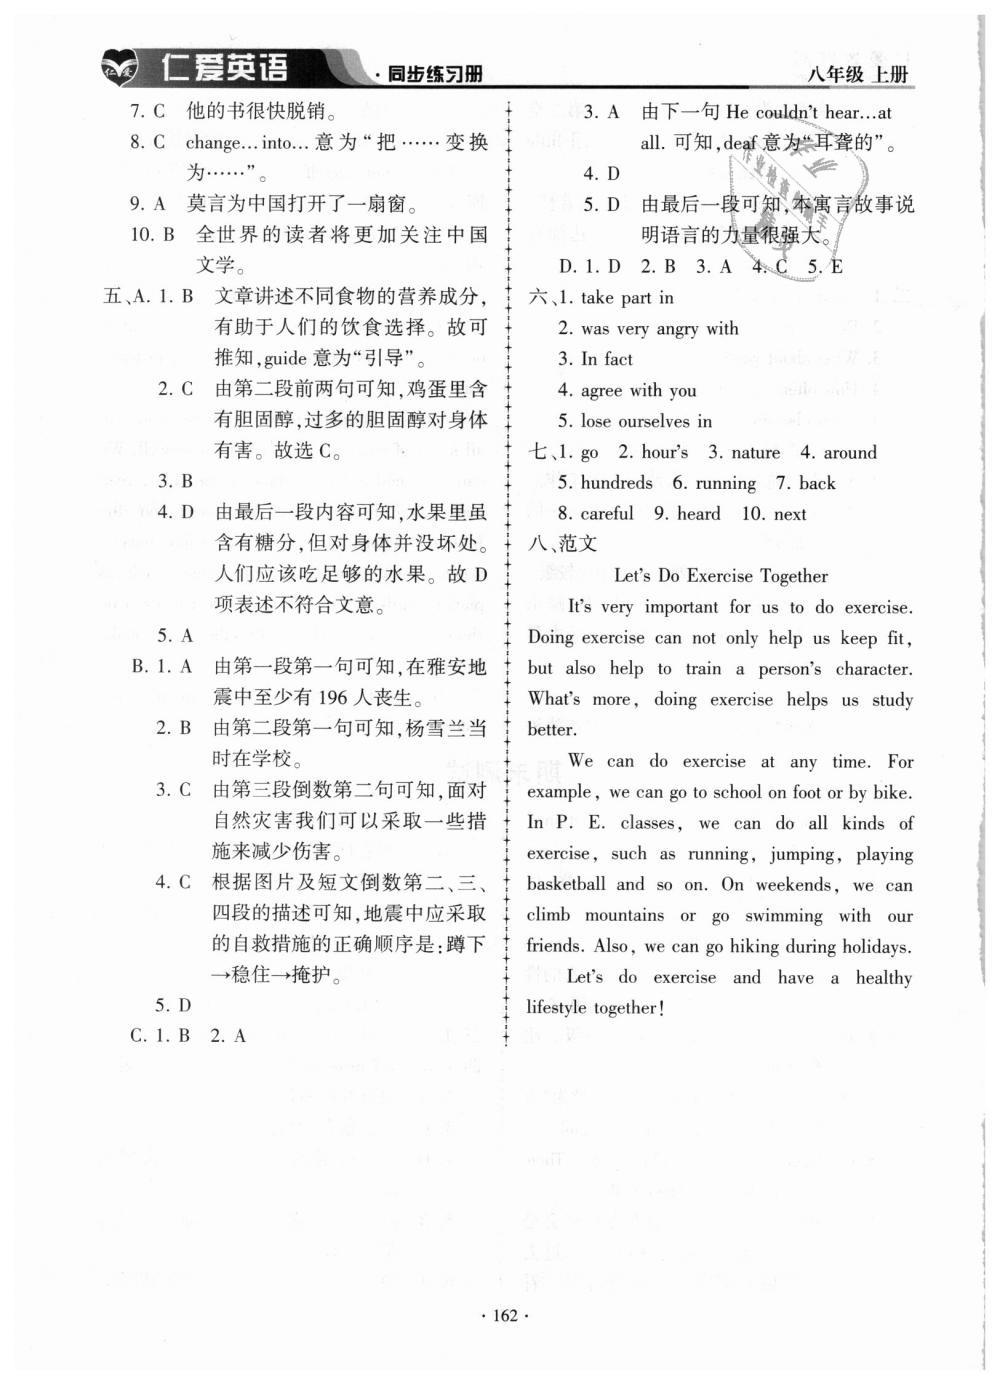 2018年仁爱英语同步练习册八年级上册E第32页